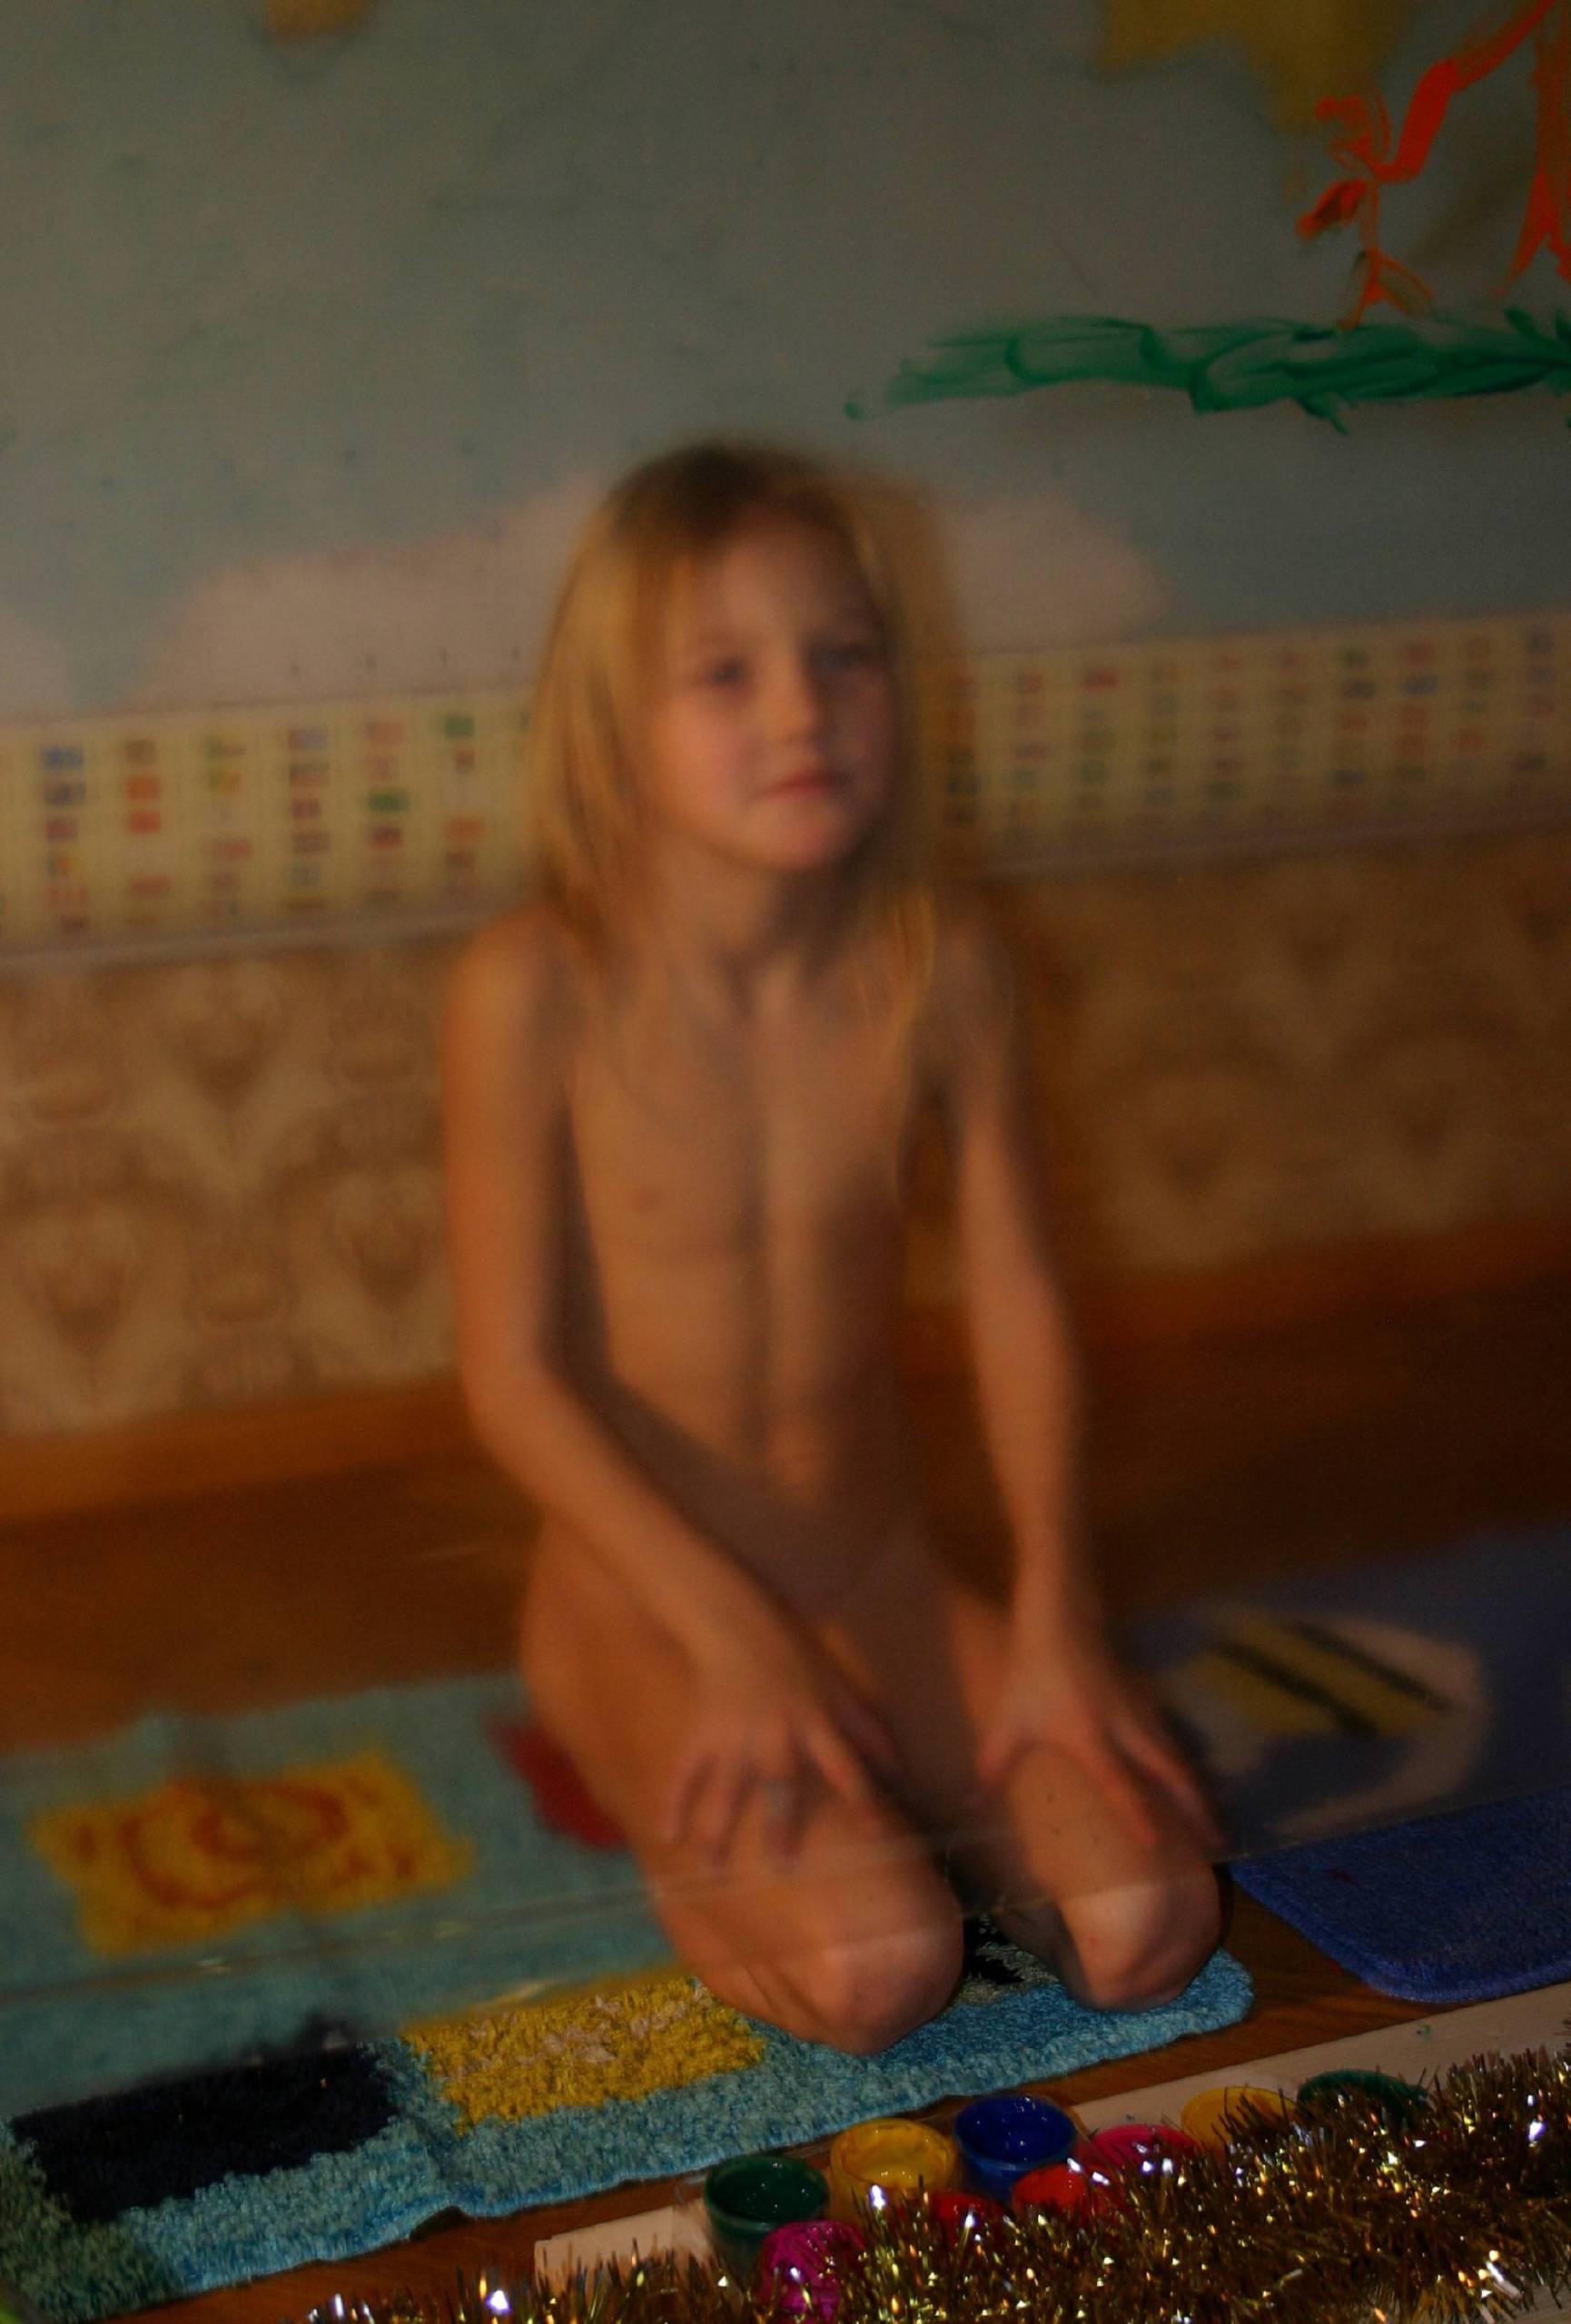 Nudist Photos Indoor Finger Painting - 1